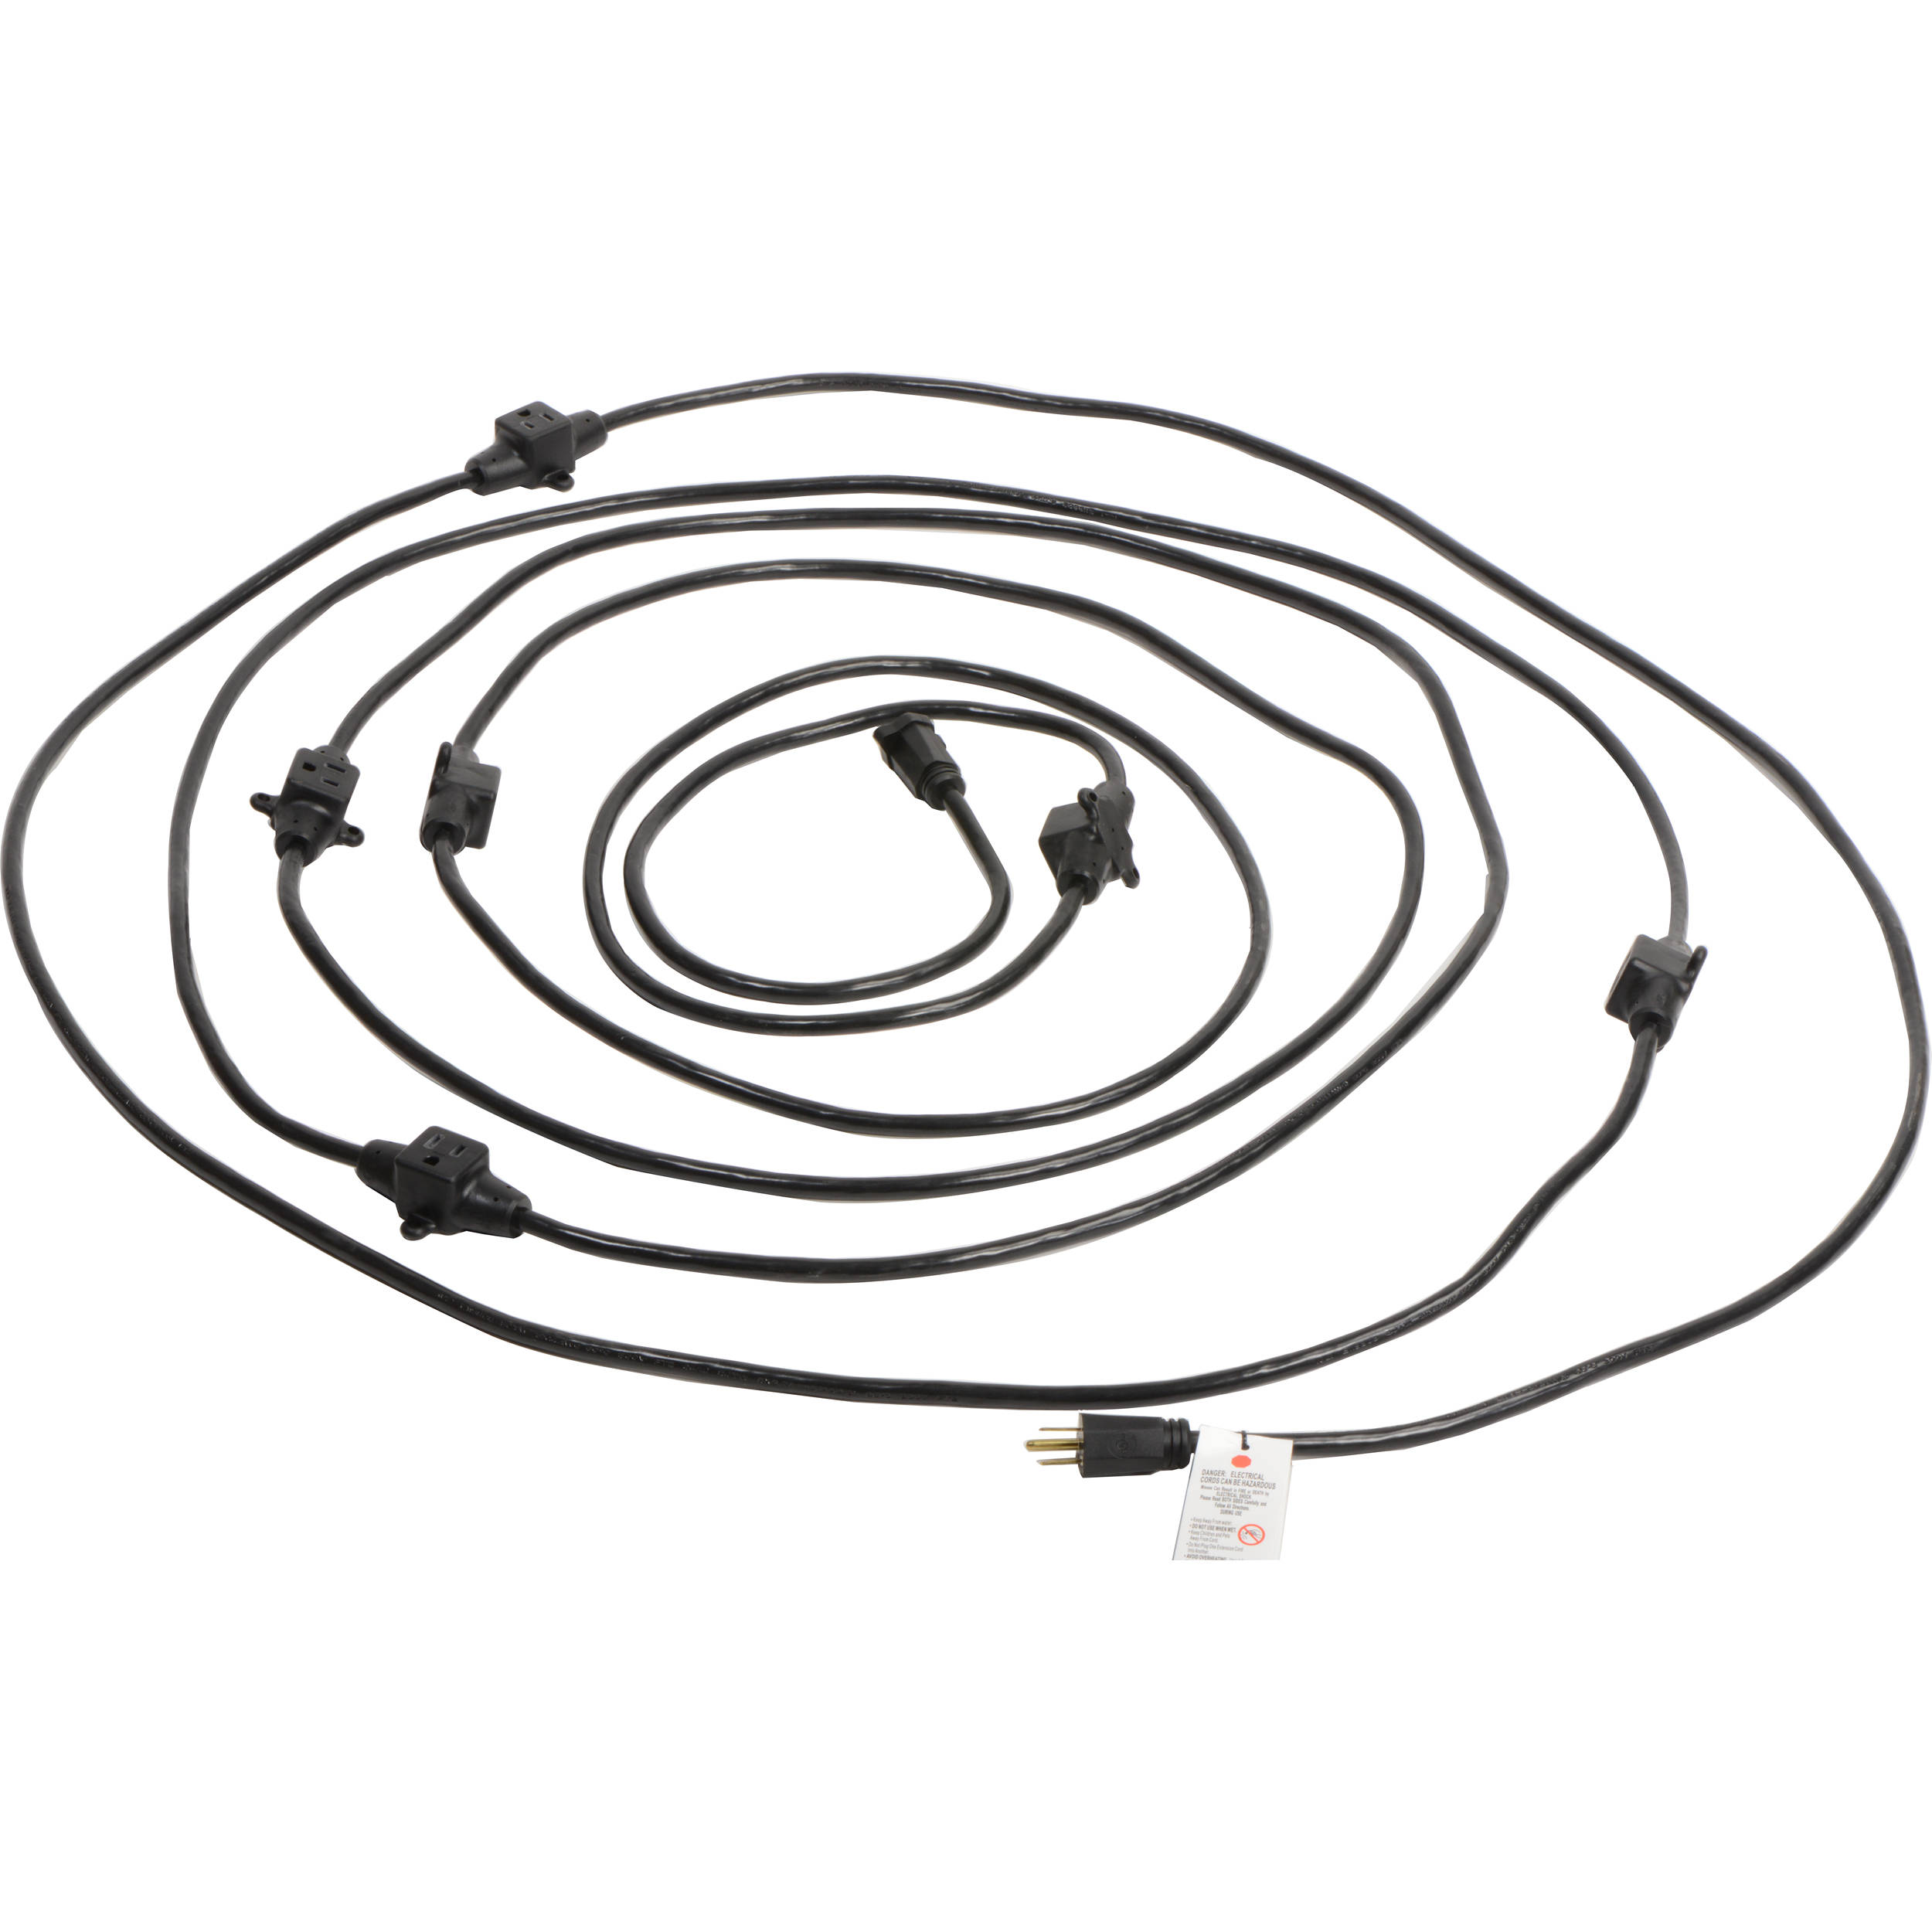 milspec 14 gauge multi outlet power cable d19006339 b h photo  milspec 14 gauge multi outlet power cable 32 5 black